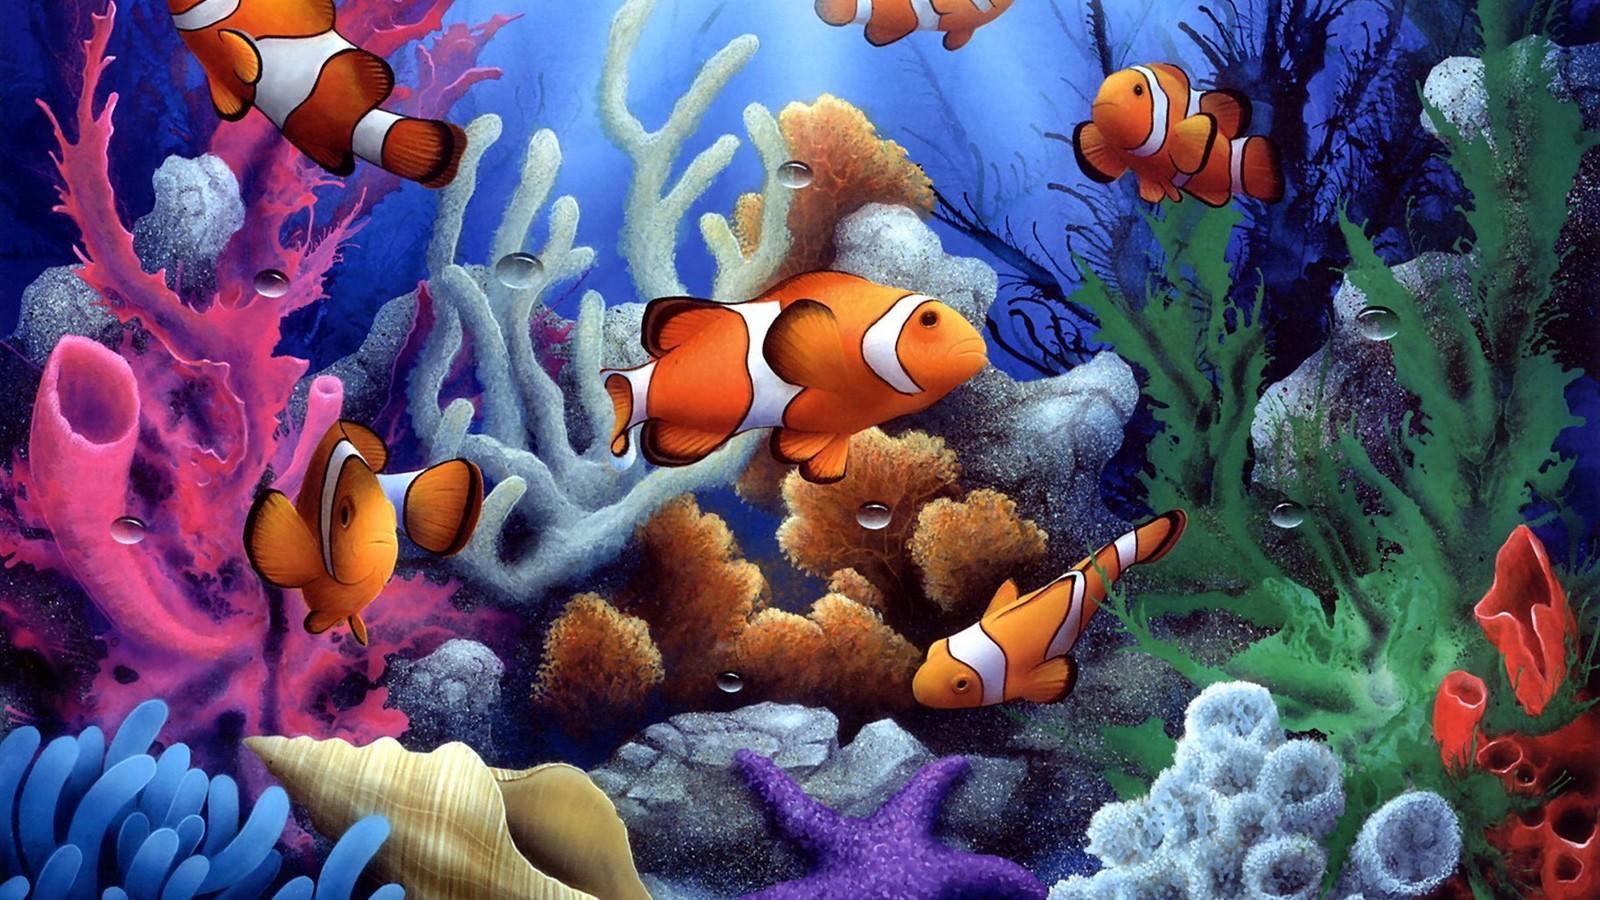 动物世界图片 动物世界图片儿童画